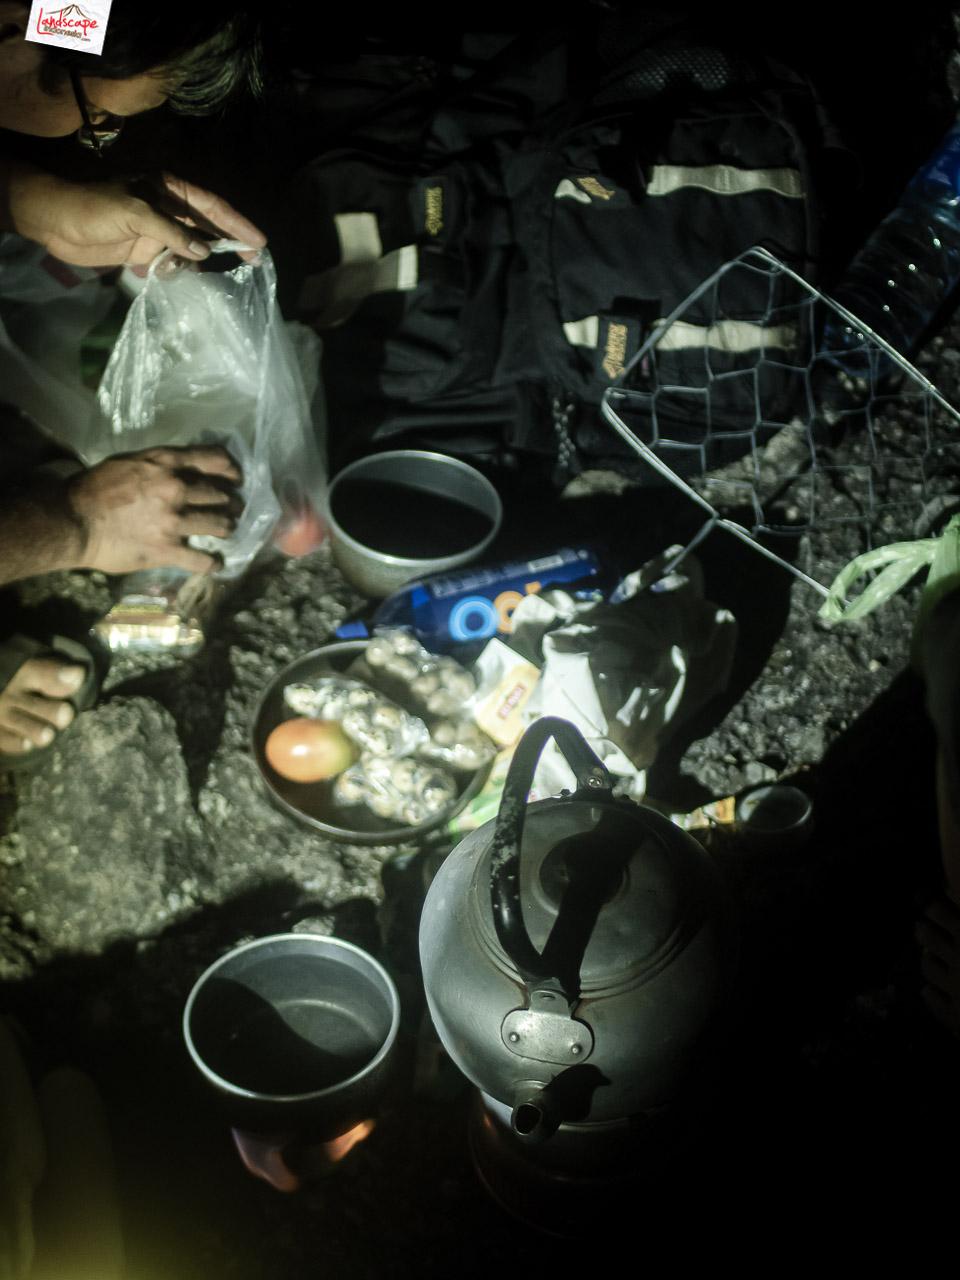 bukit laskar pelangi 22 2 - Makan Malam di Puncak Bukit Laskar Pelangi